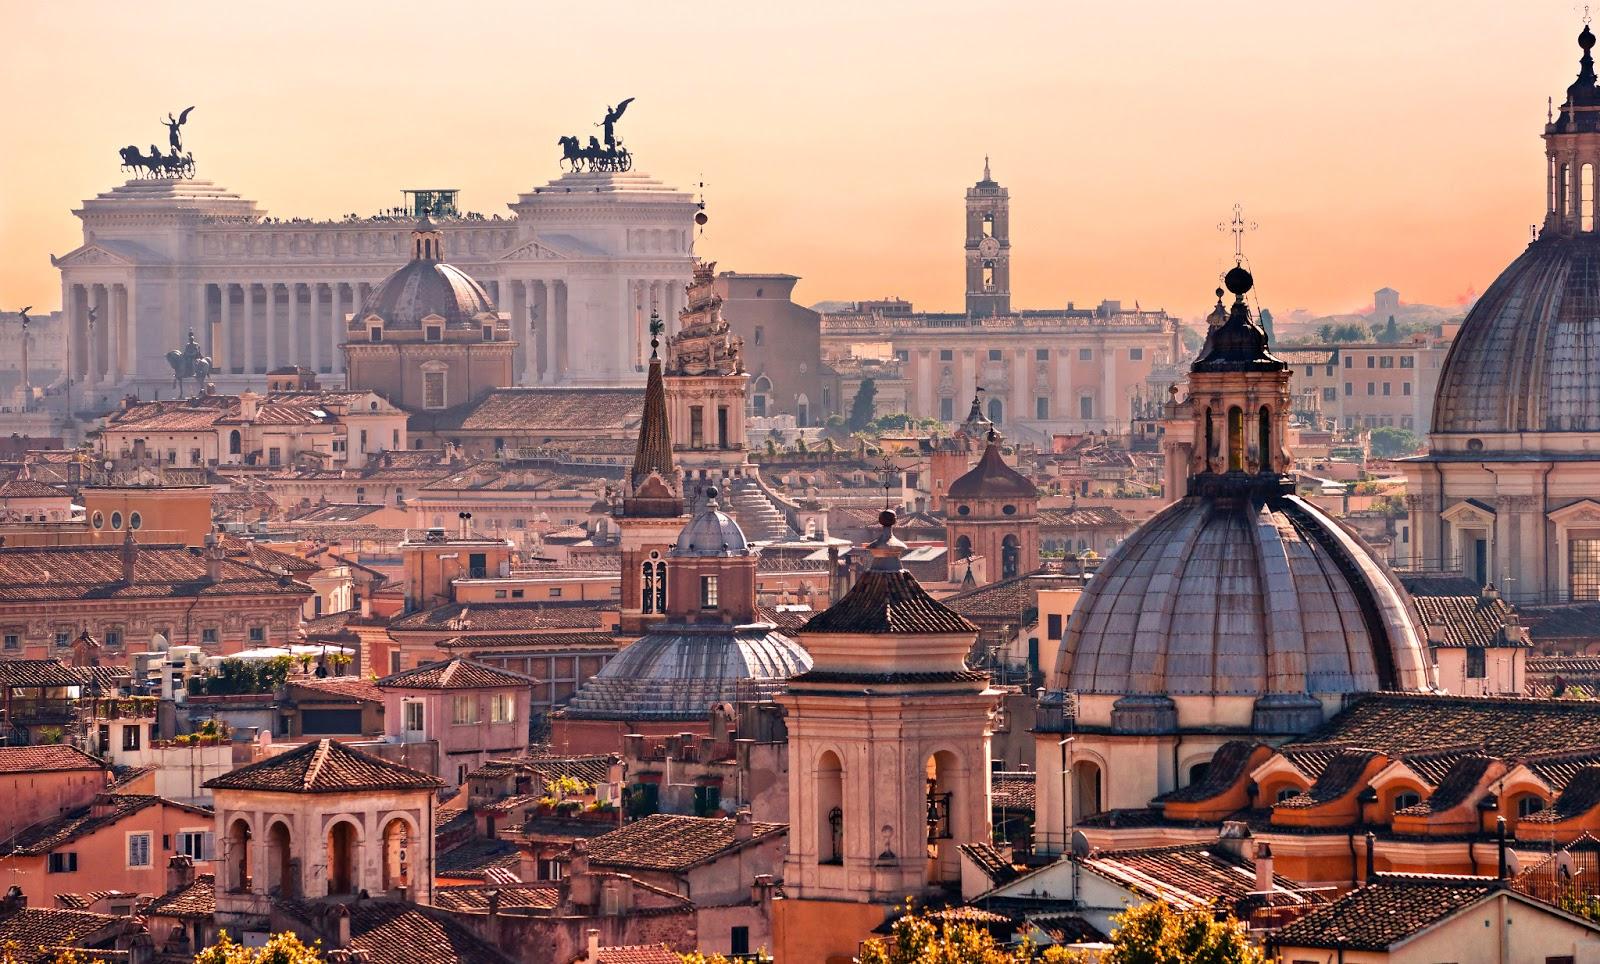 Roma, milenios de historia conjugados en una ciudad